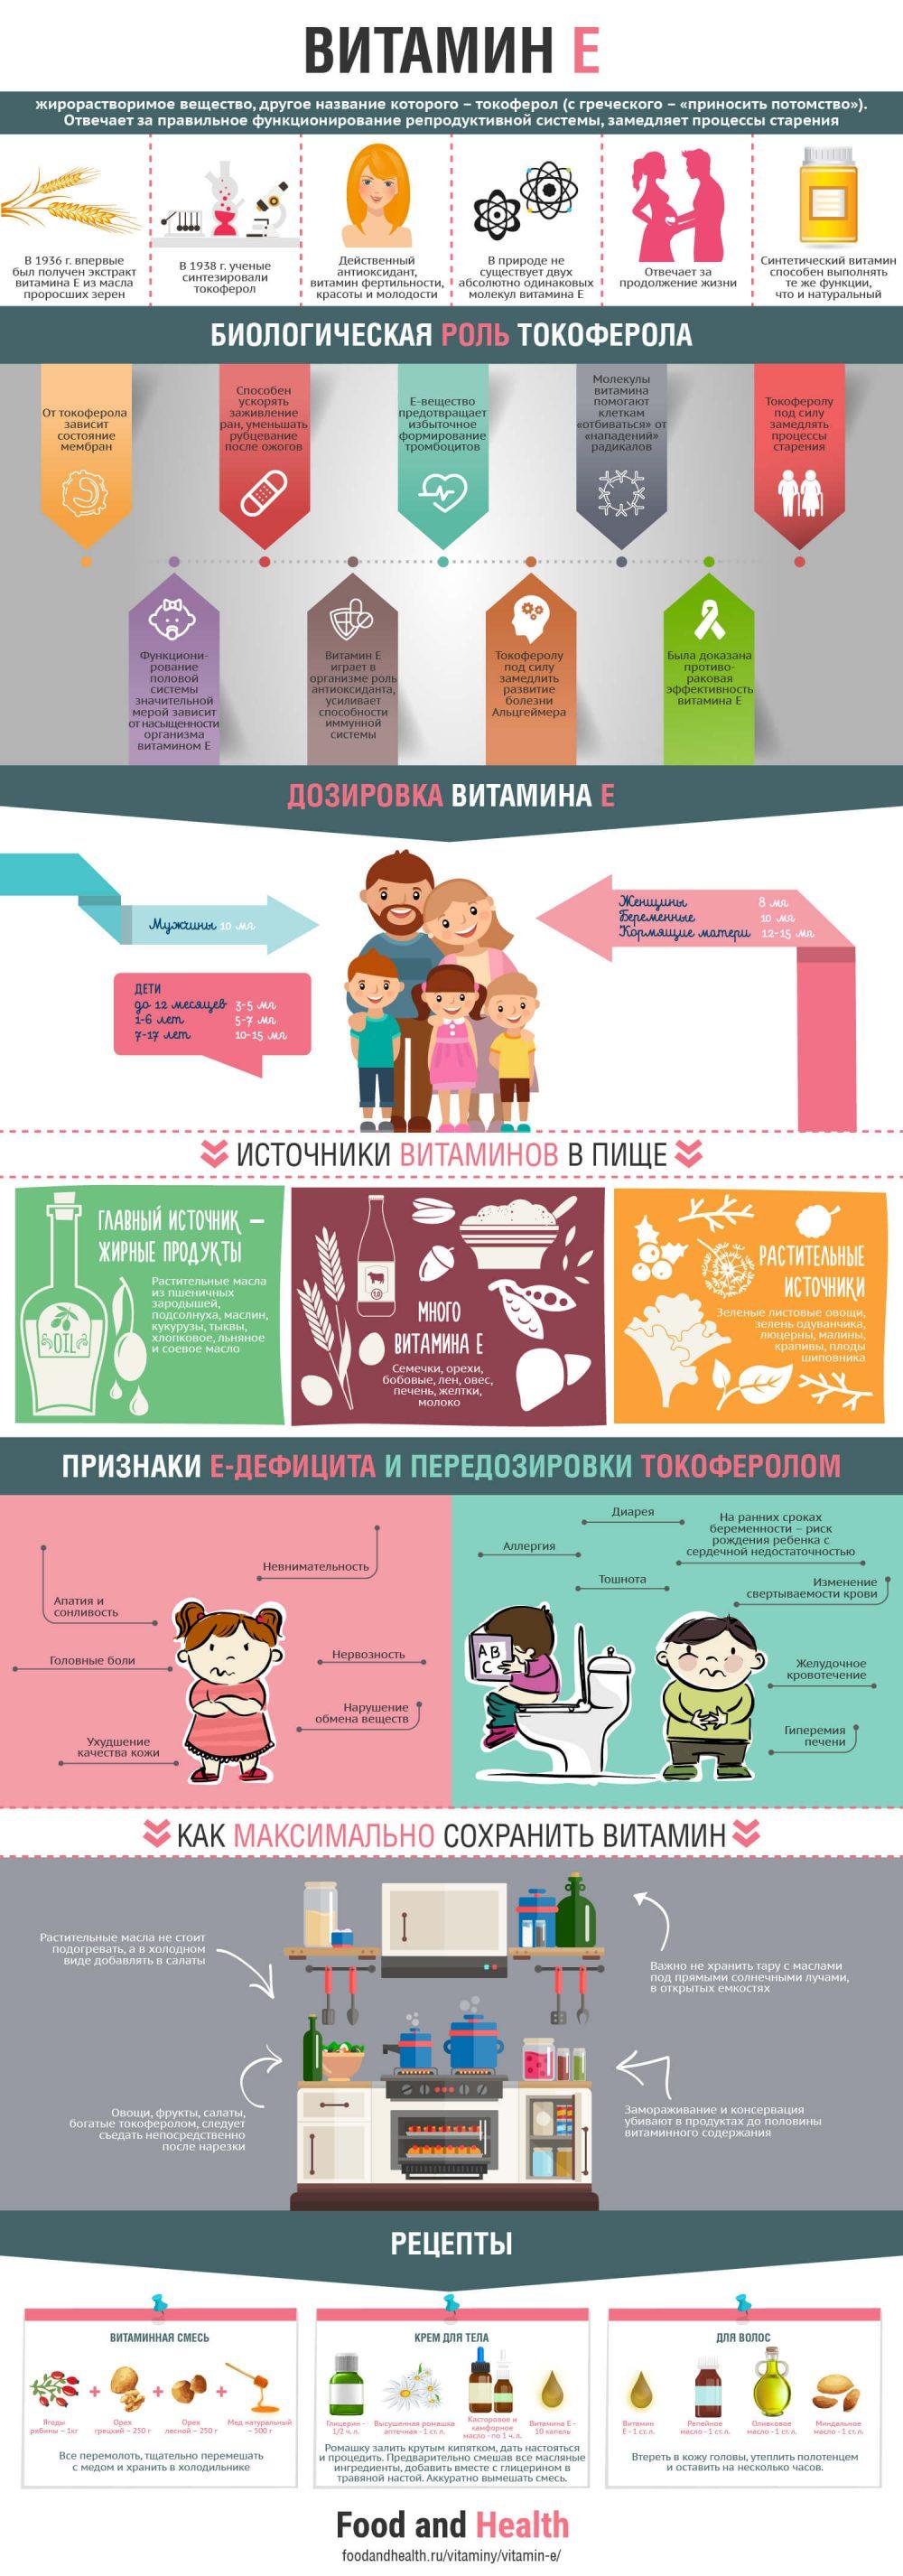 Витамин E - инфографика